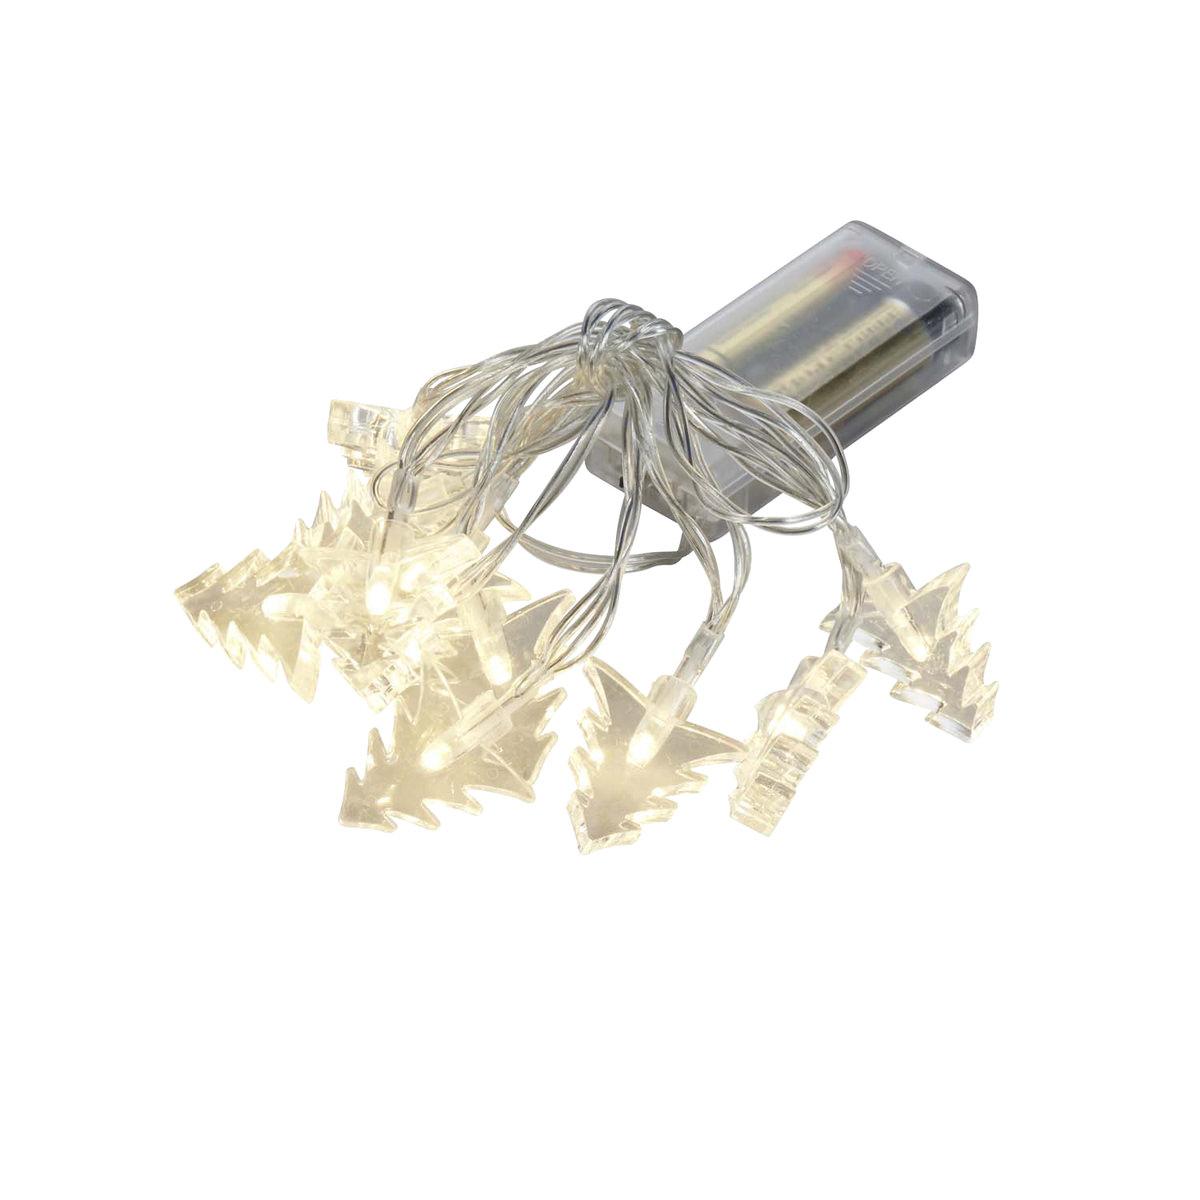 Tannenbaum Kunststoff.Led Lichterkette Tannenbaum Kunststoff Mit 10 Warmweissen Led